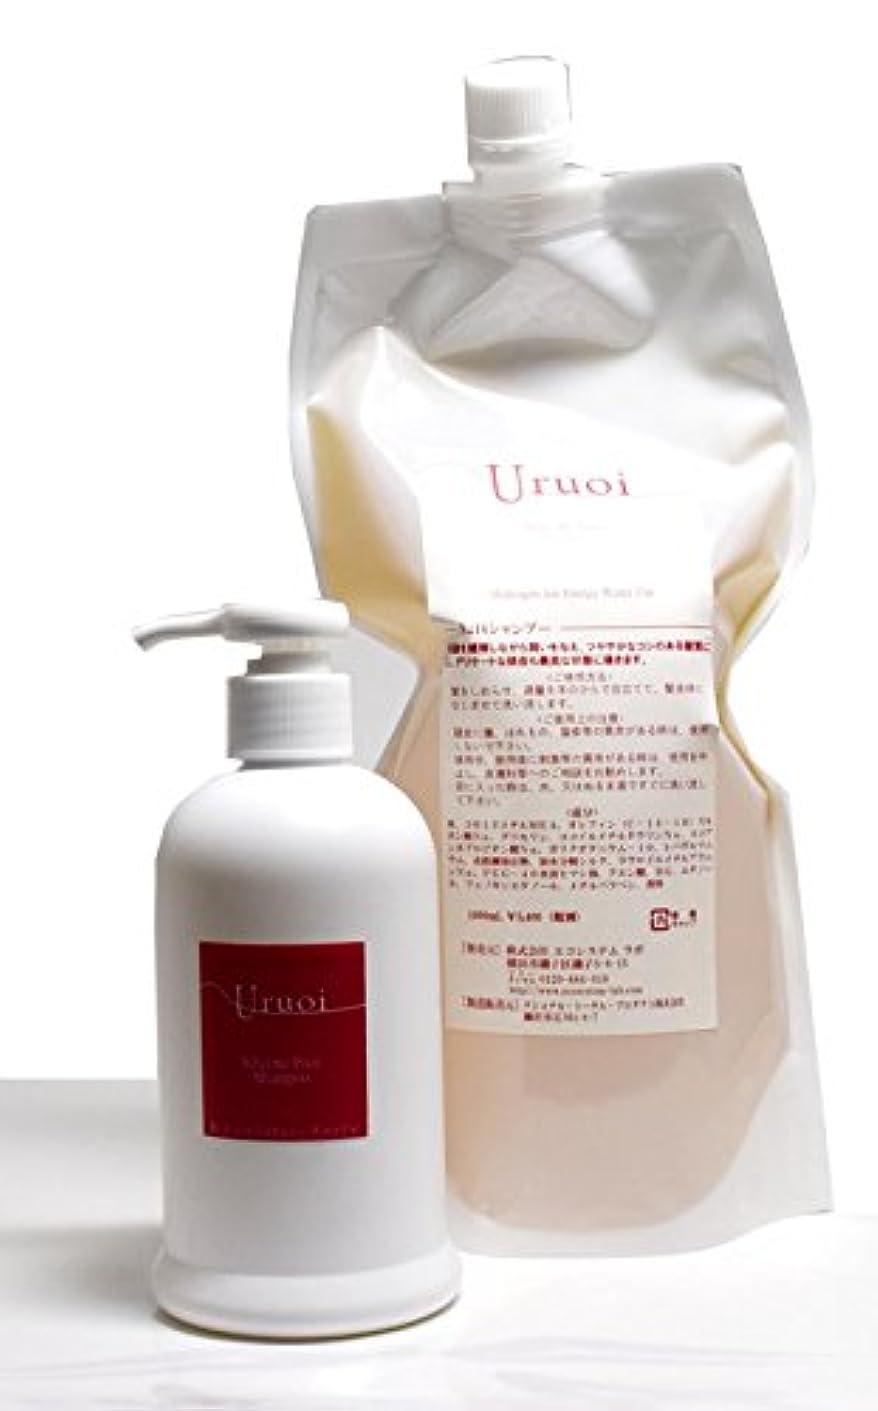 クレタモンキー地殻水素イオン発生エネルギー水 うるおいシャンプーとレフィールのセット ノンシリコン Silicone Free Uruoi Shampoo